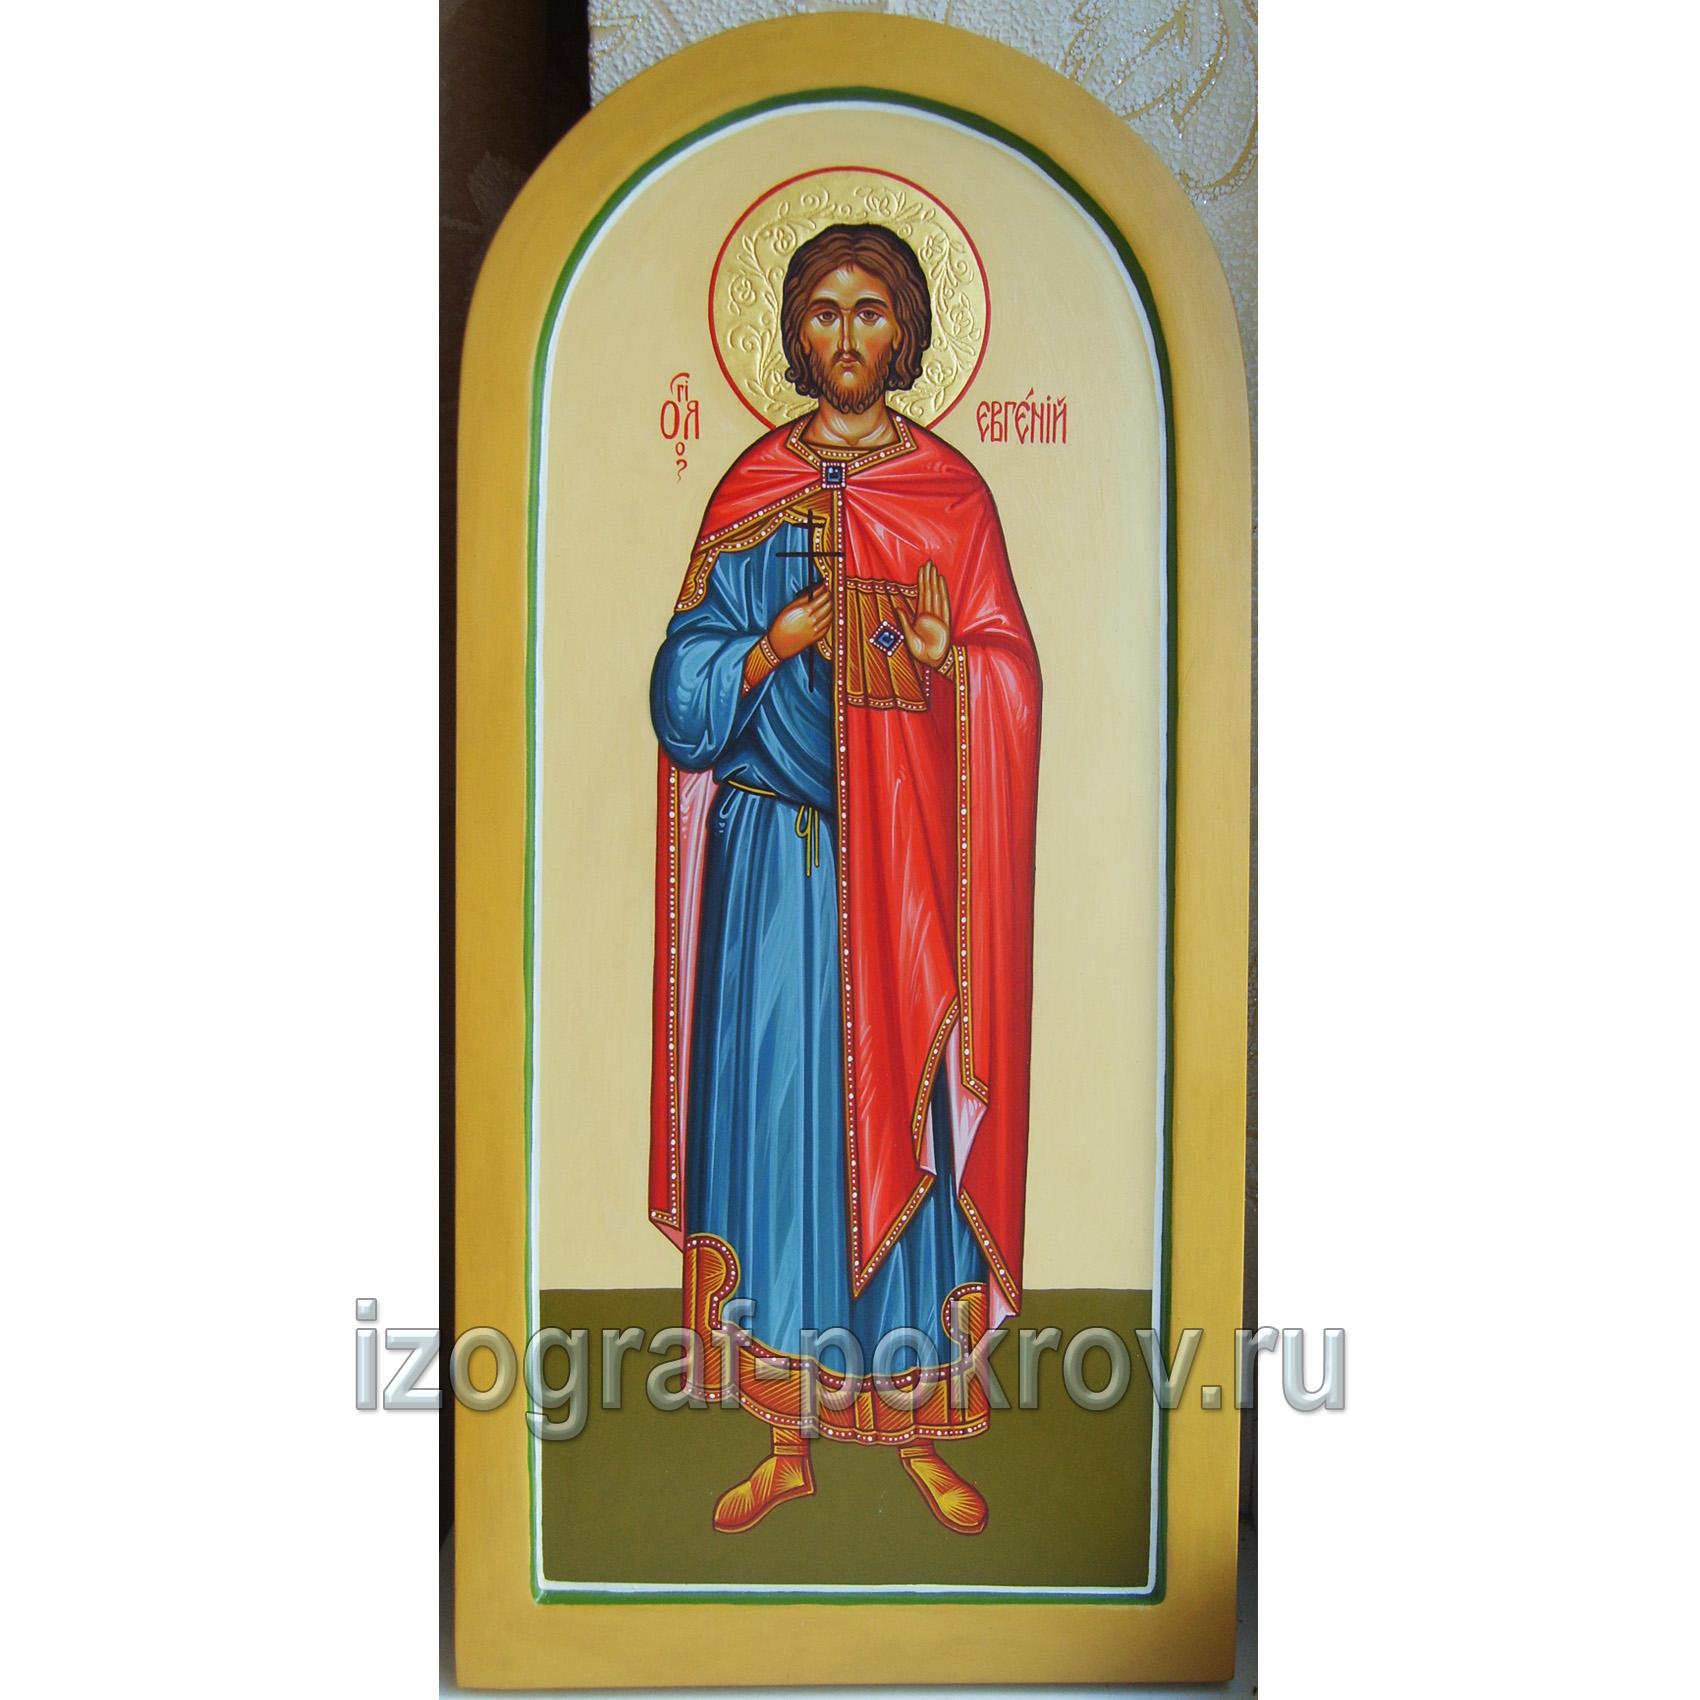 Икона Евгений мученик. Иконописная Покров Константиновск